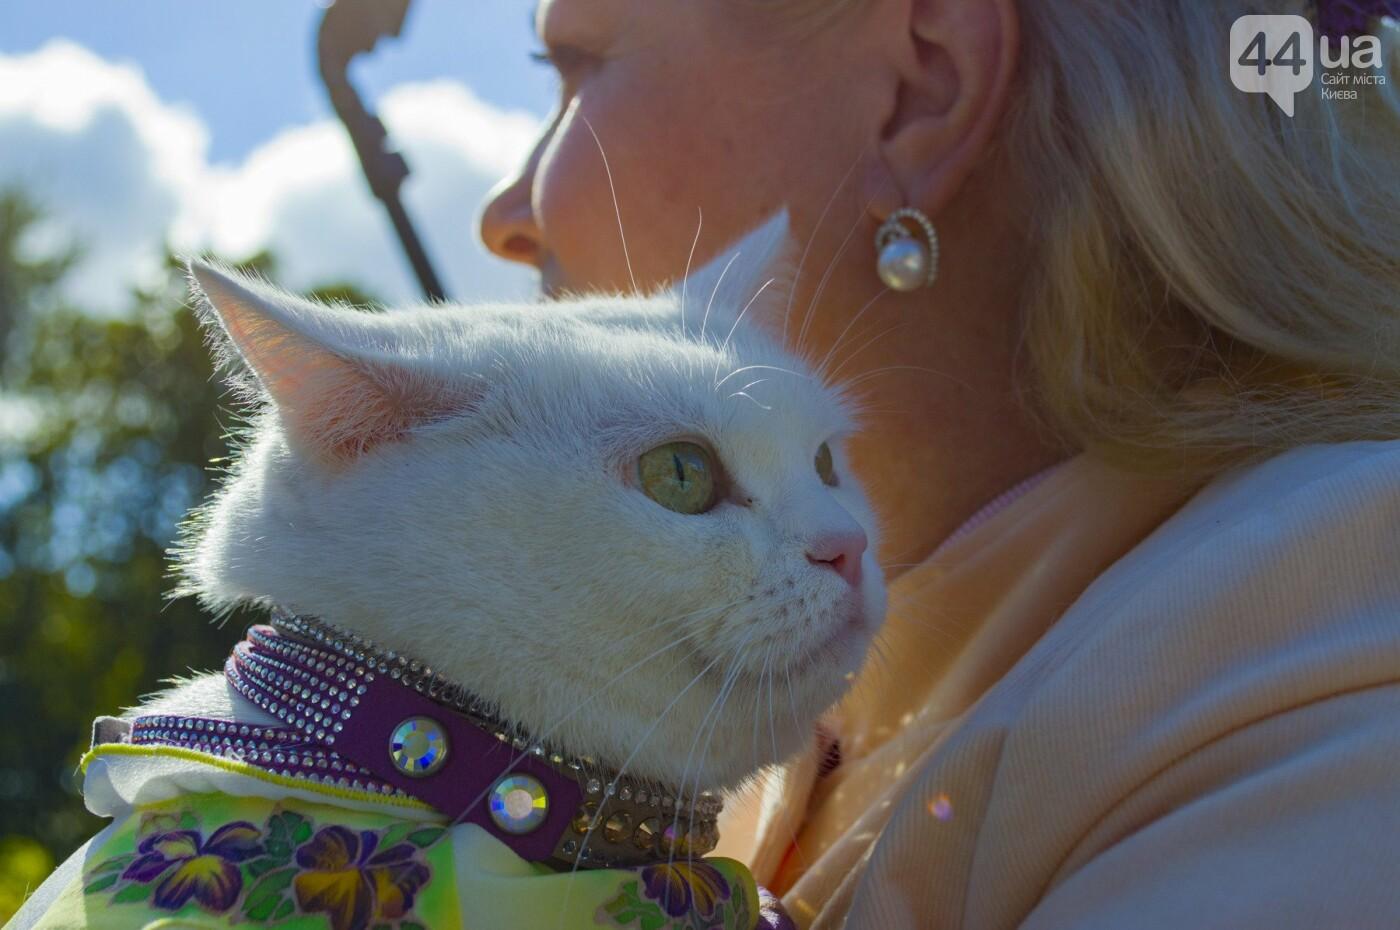 Собаки, коты и хомячки: в Киеве прошла акция за права животных, - ФОТОРЕПОРТАЖ, фото-18